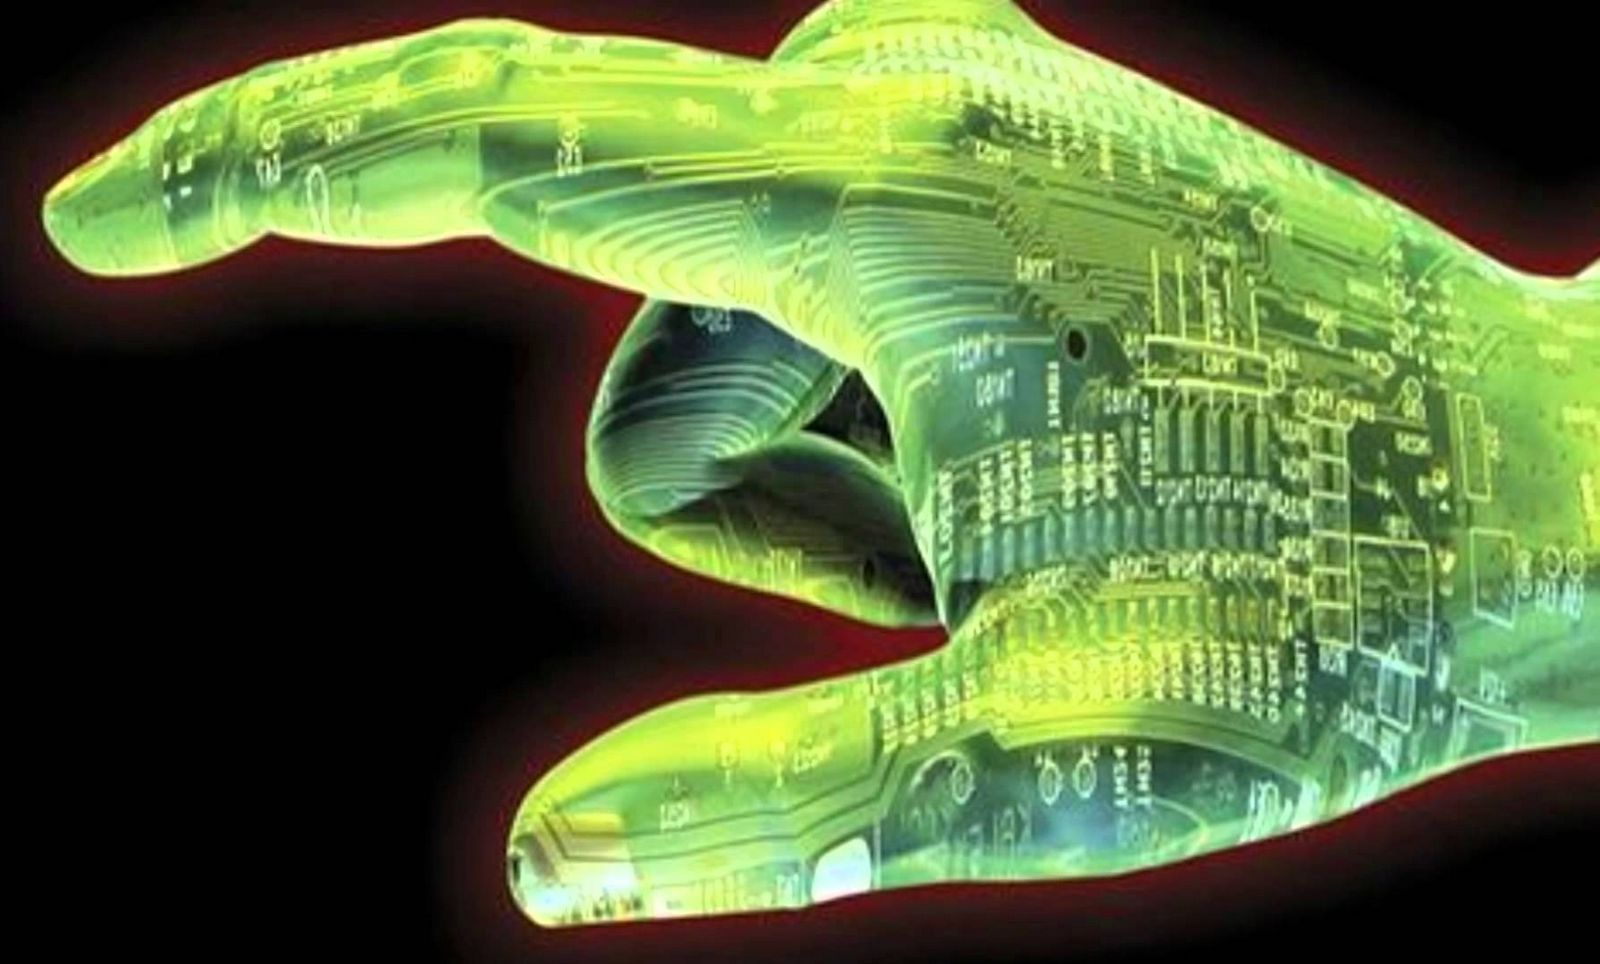 Por qué cada Persona llegará a Tener un Microchip en su Cuerpo